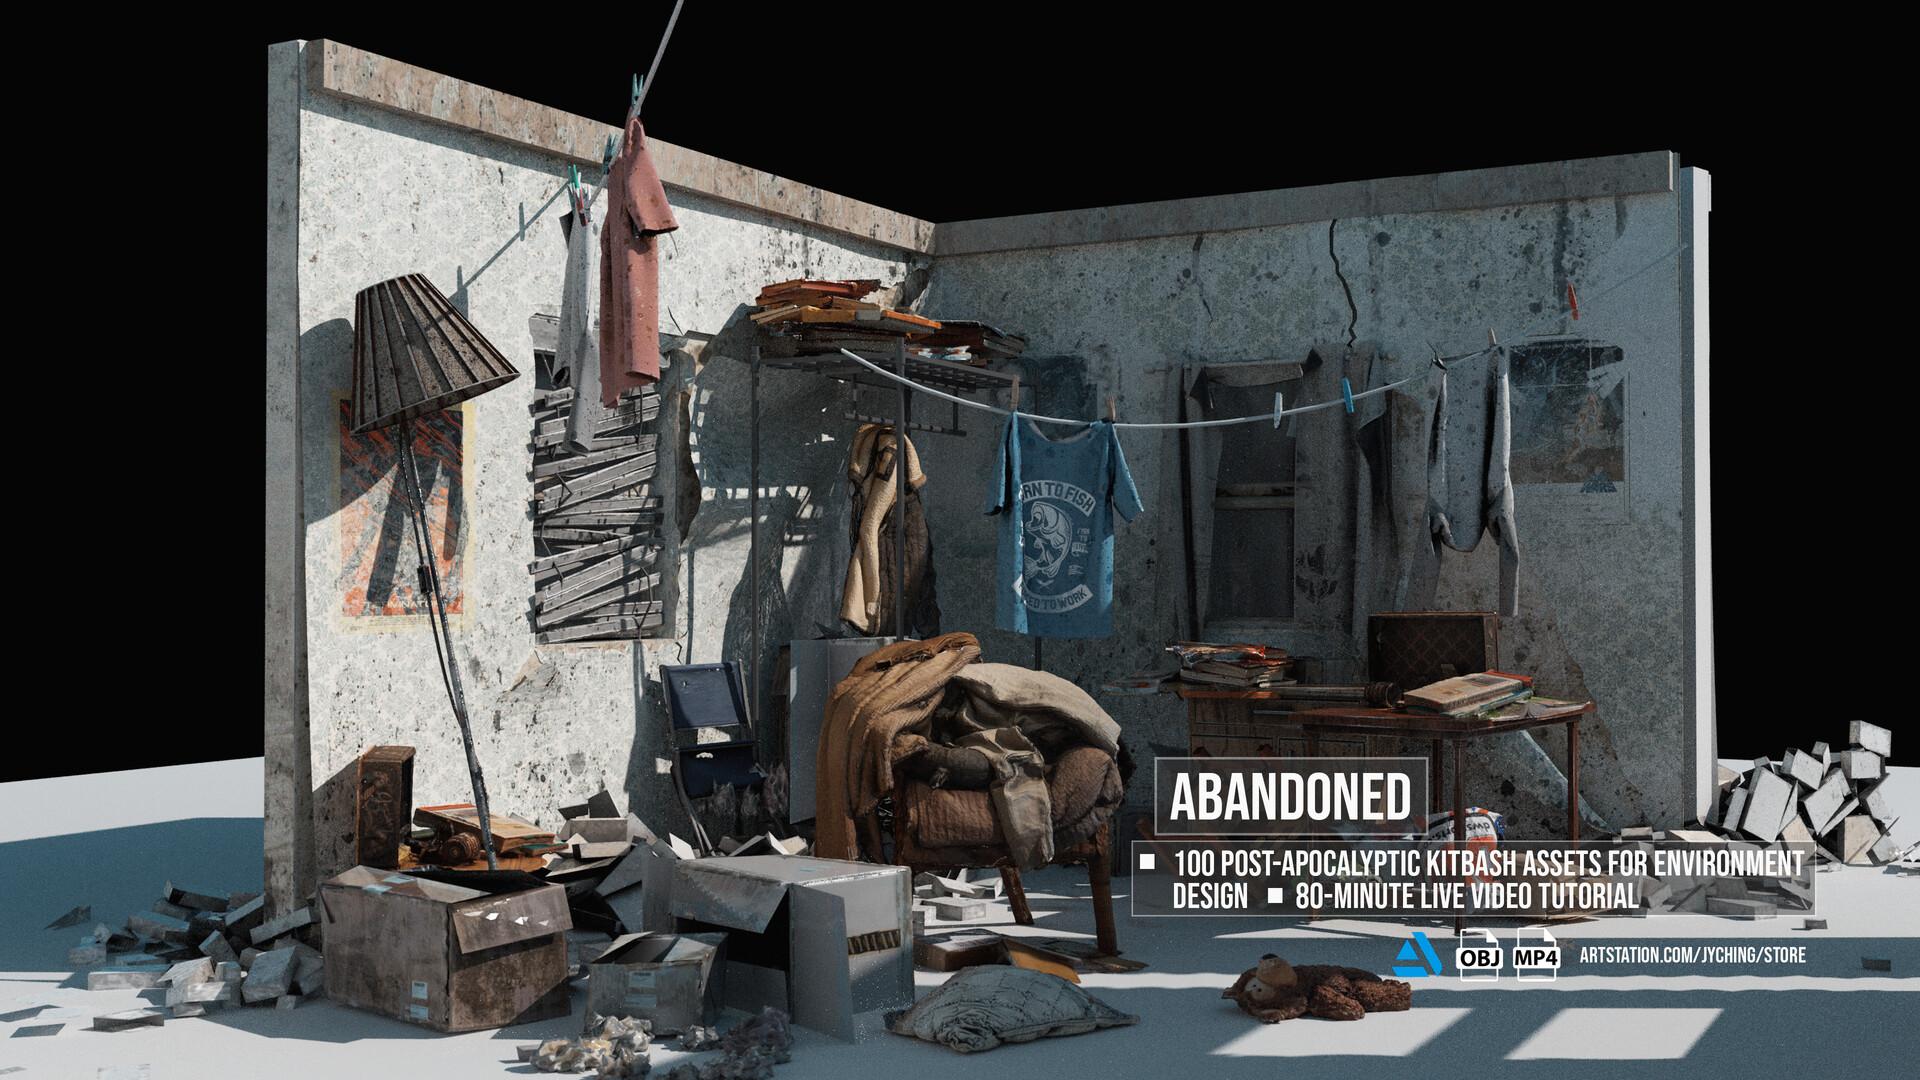 Jonathan ching abandoned assets 02